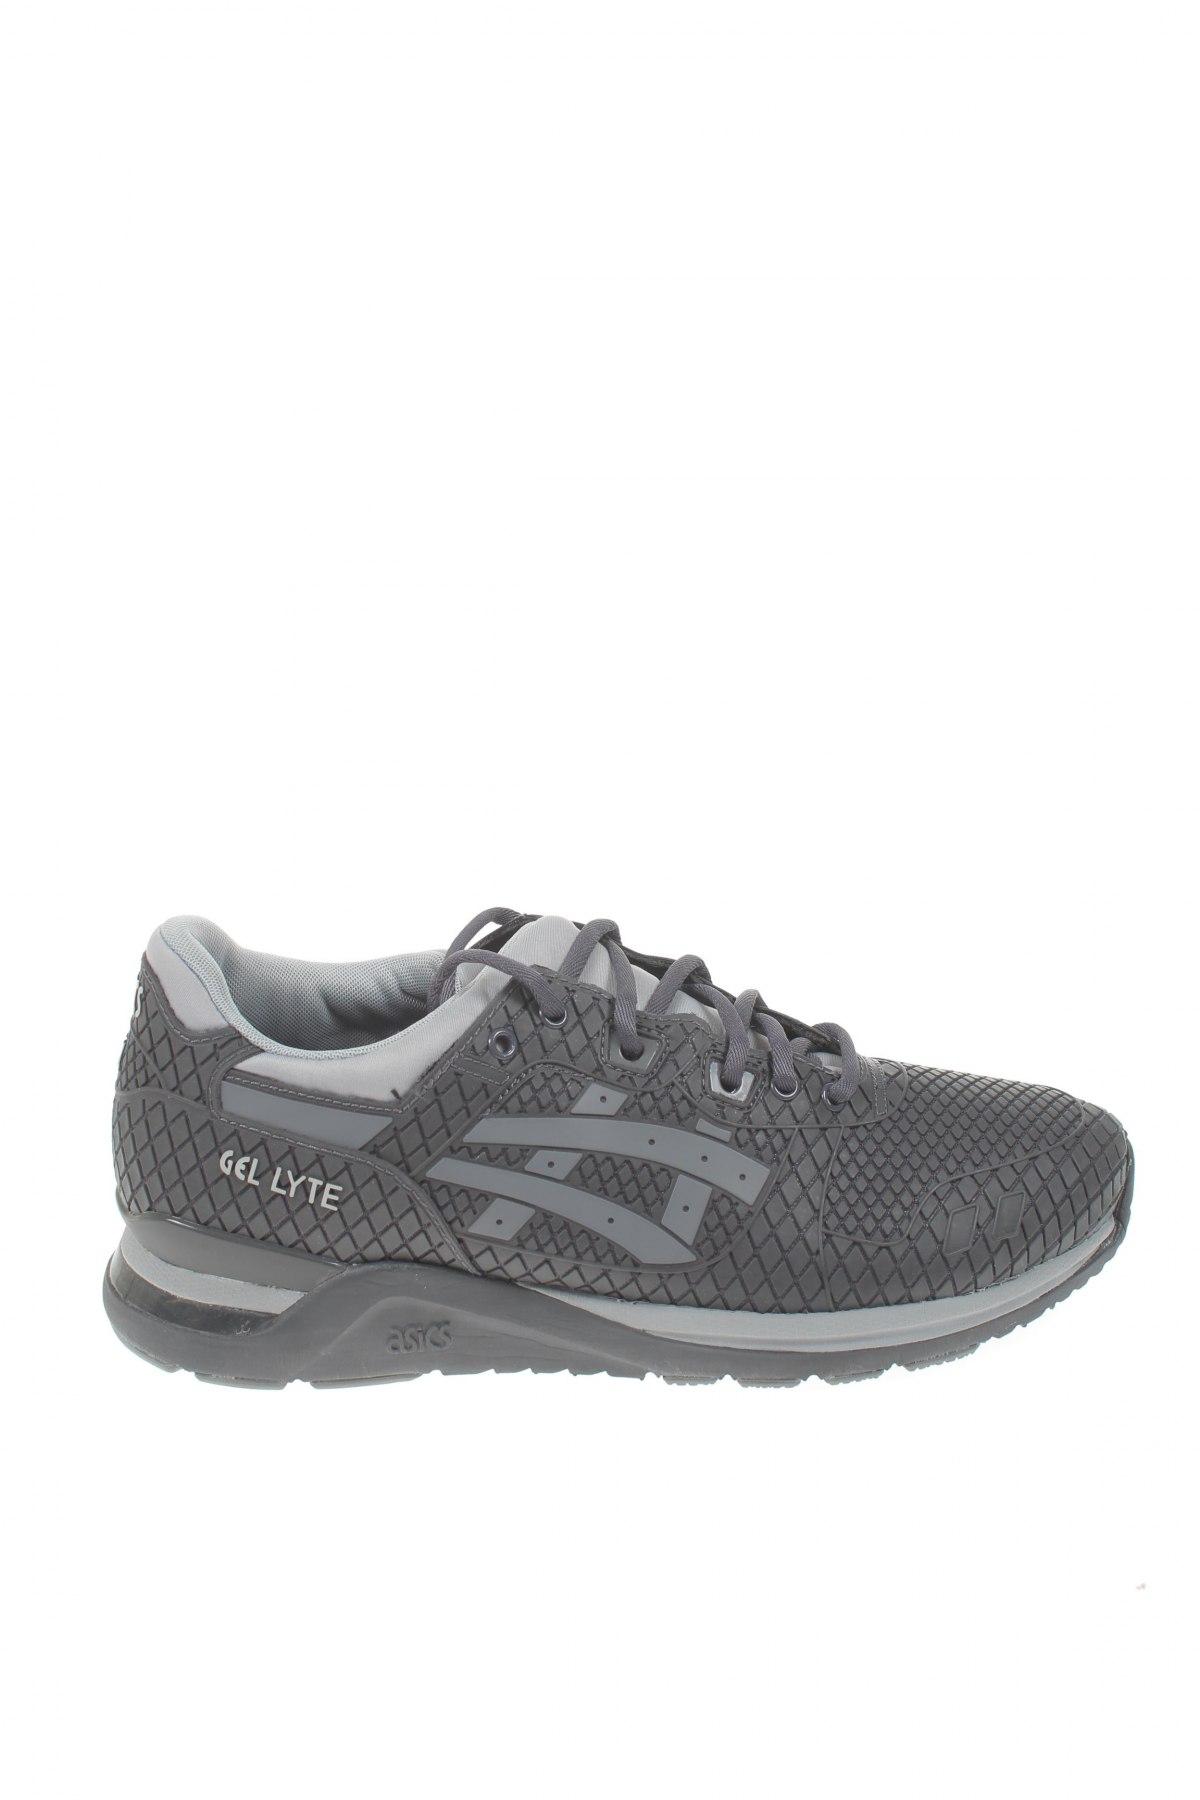 Topánky  Asics